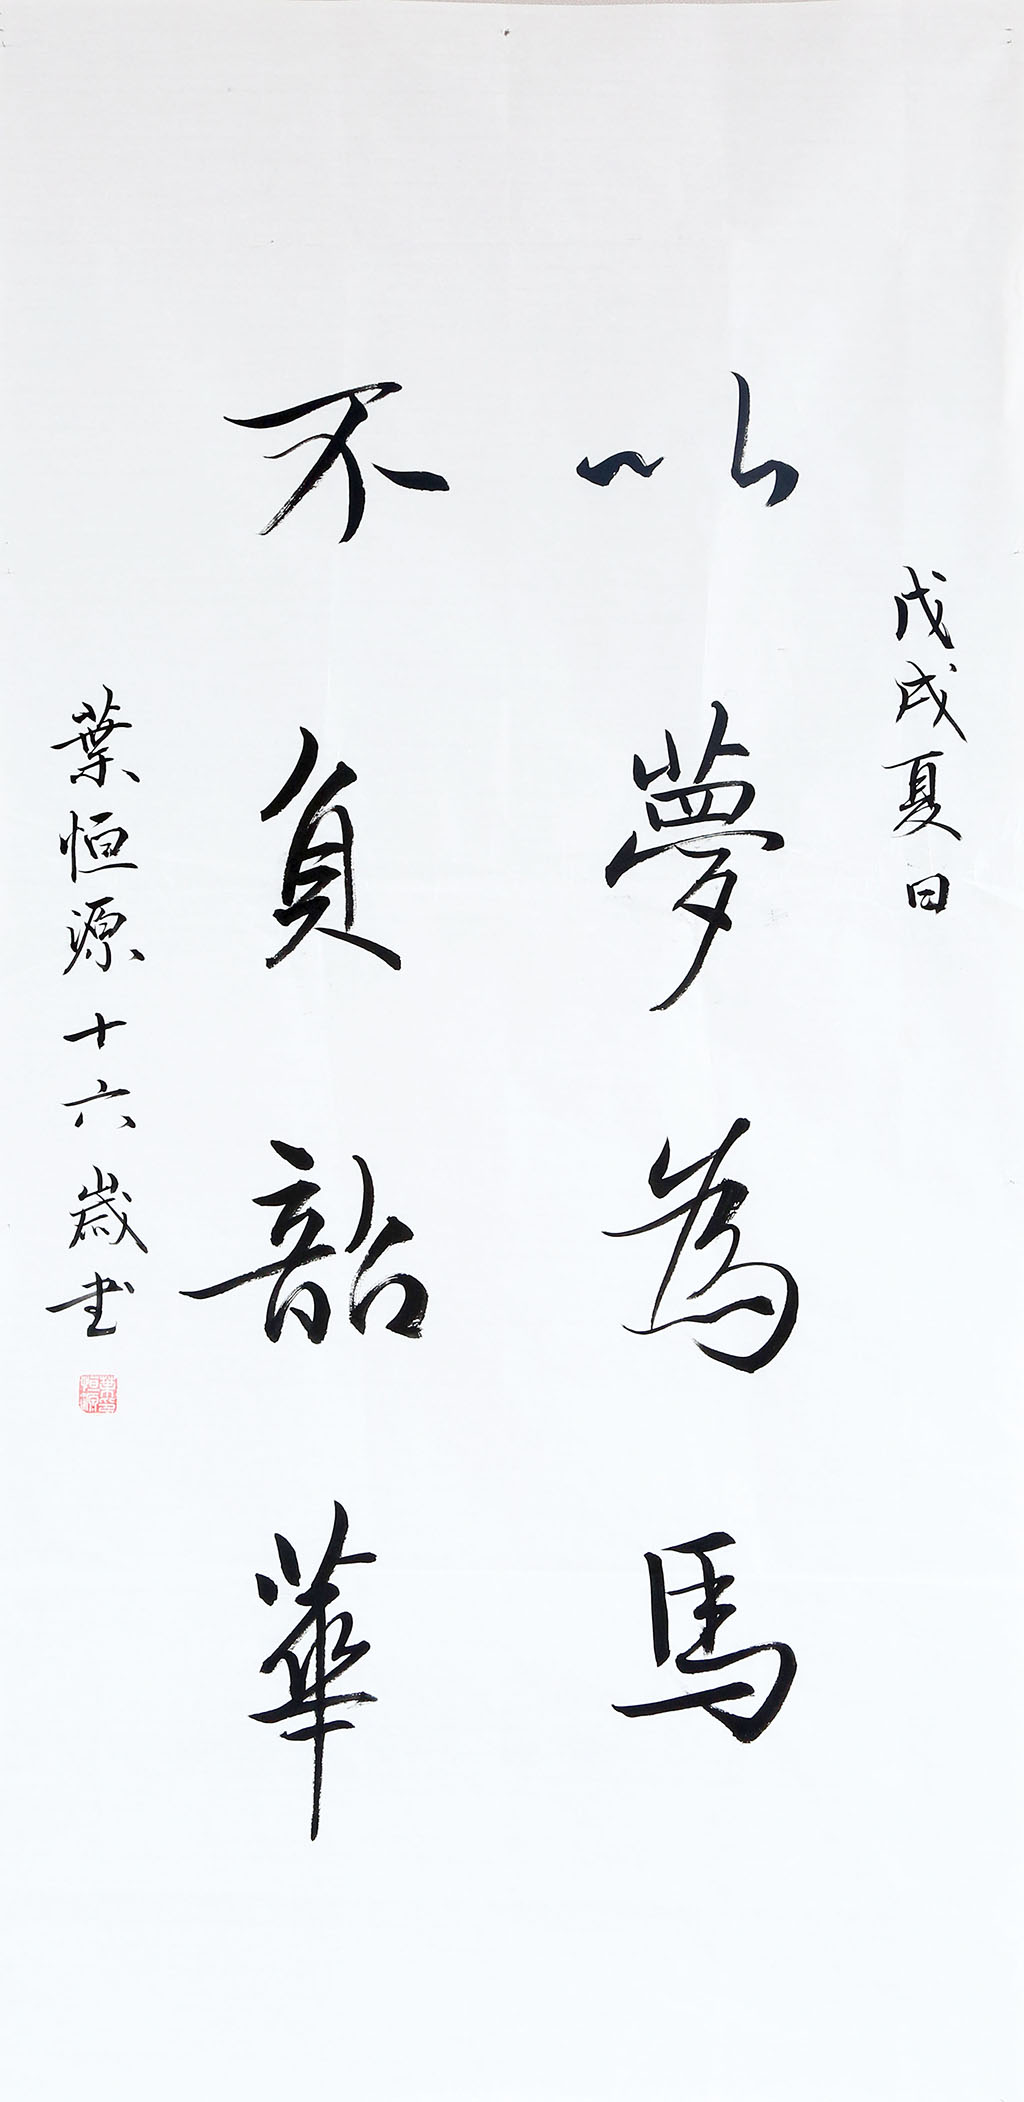 叶恒源 中学组三等奖